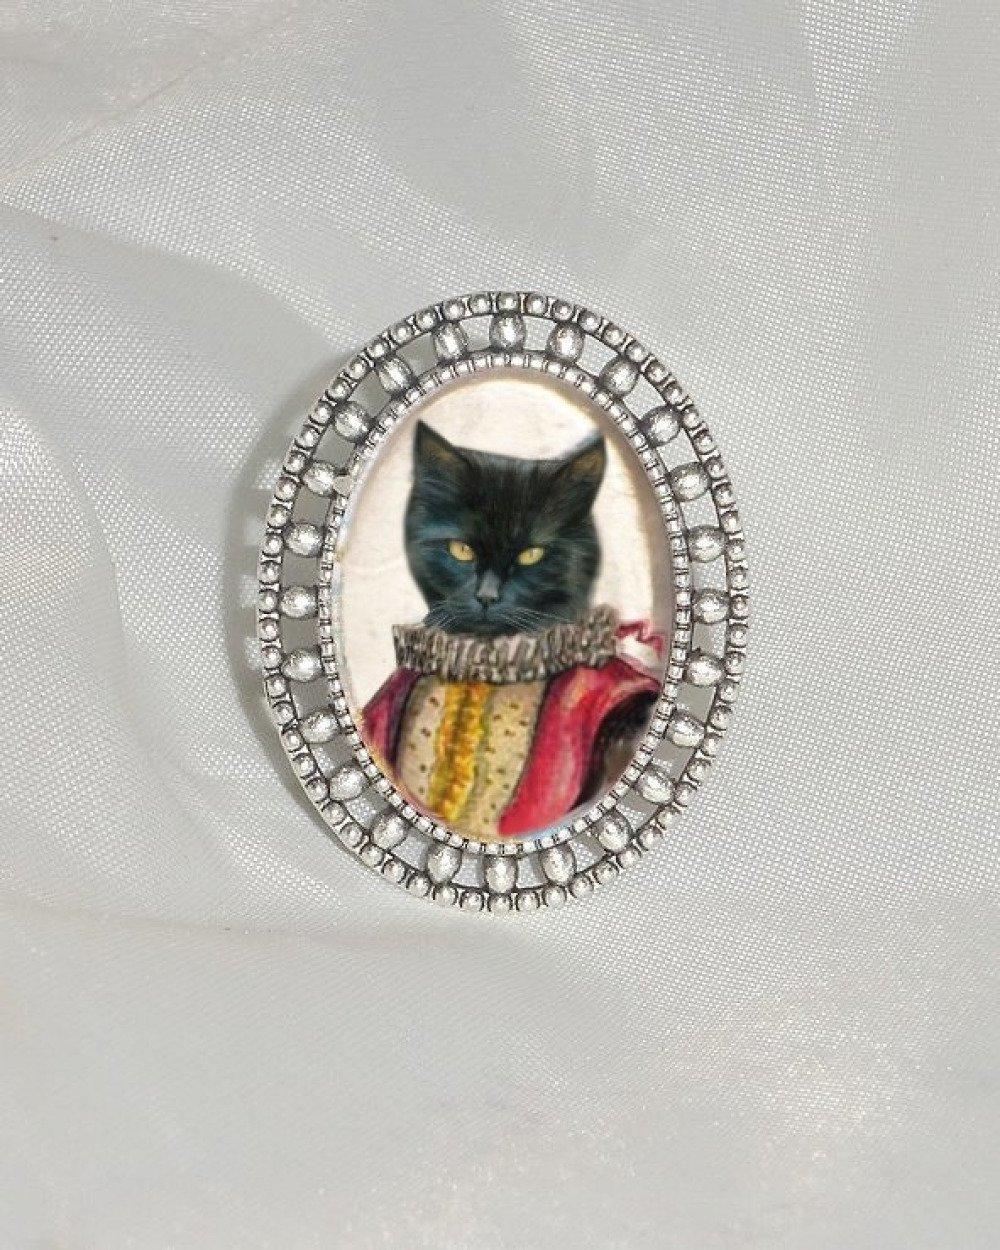 bague avec chat  : chat costumé en Lelio, personnage de la commedia dell'arte